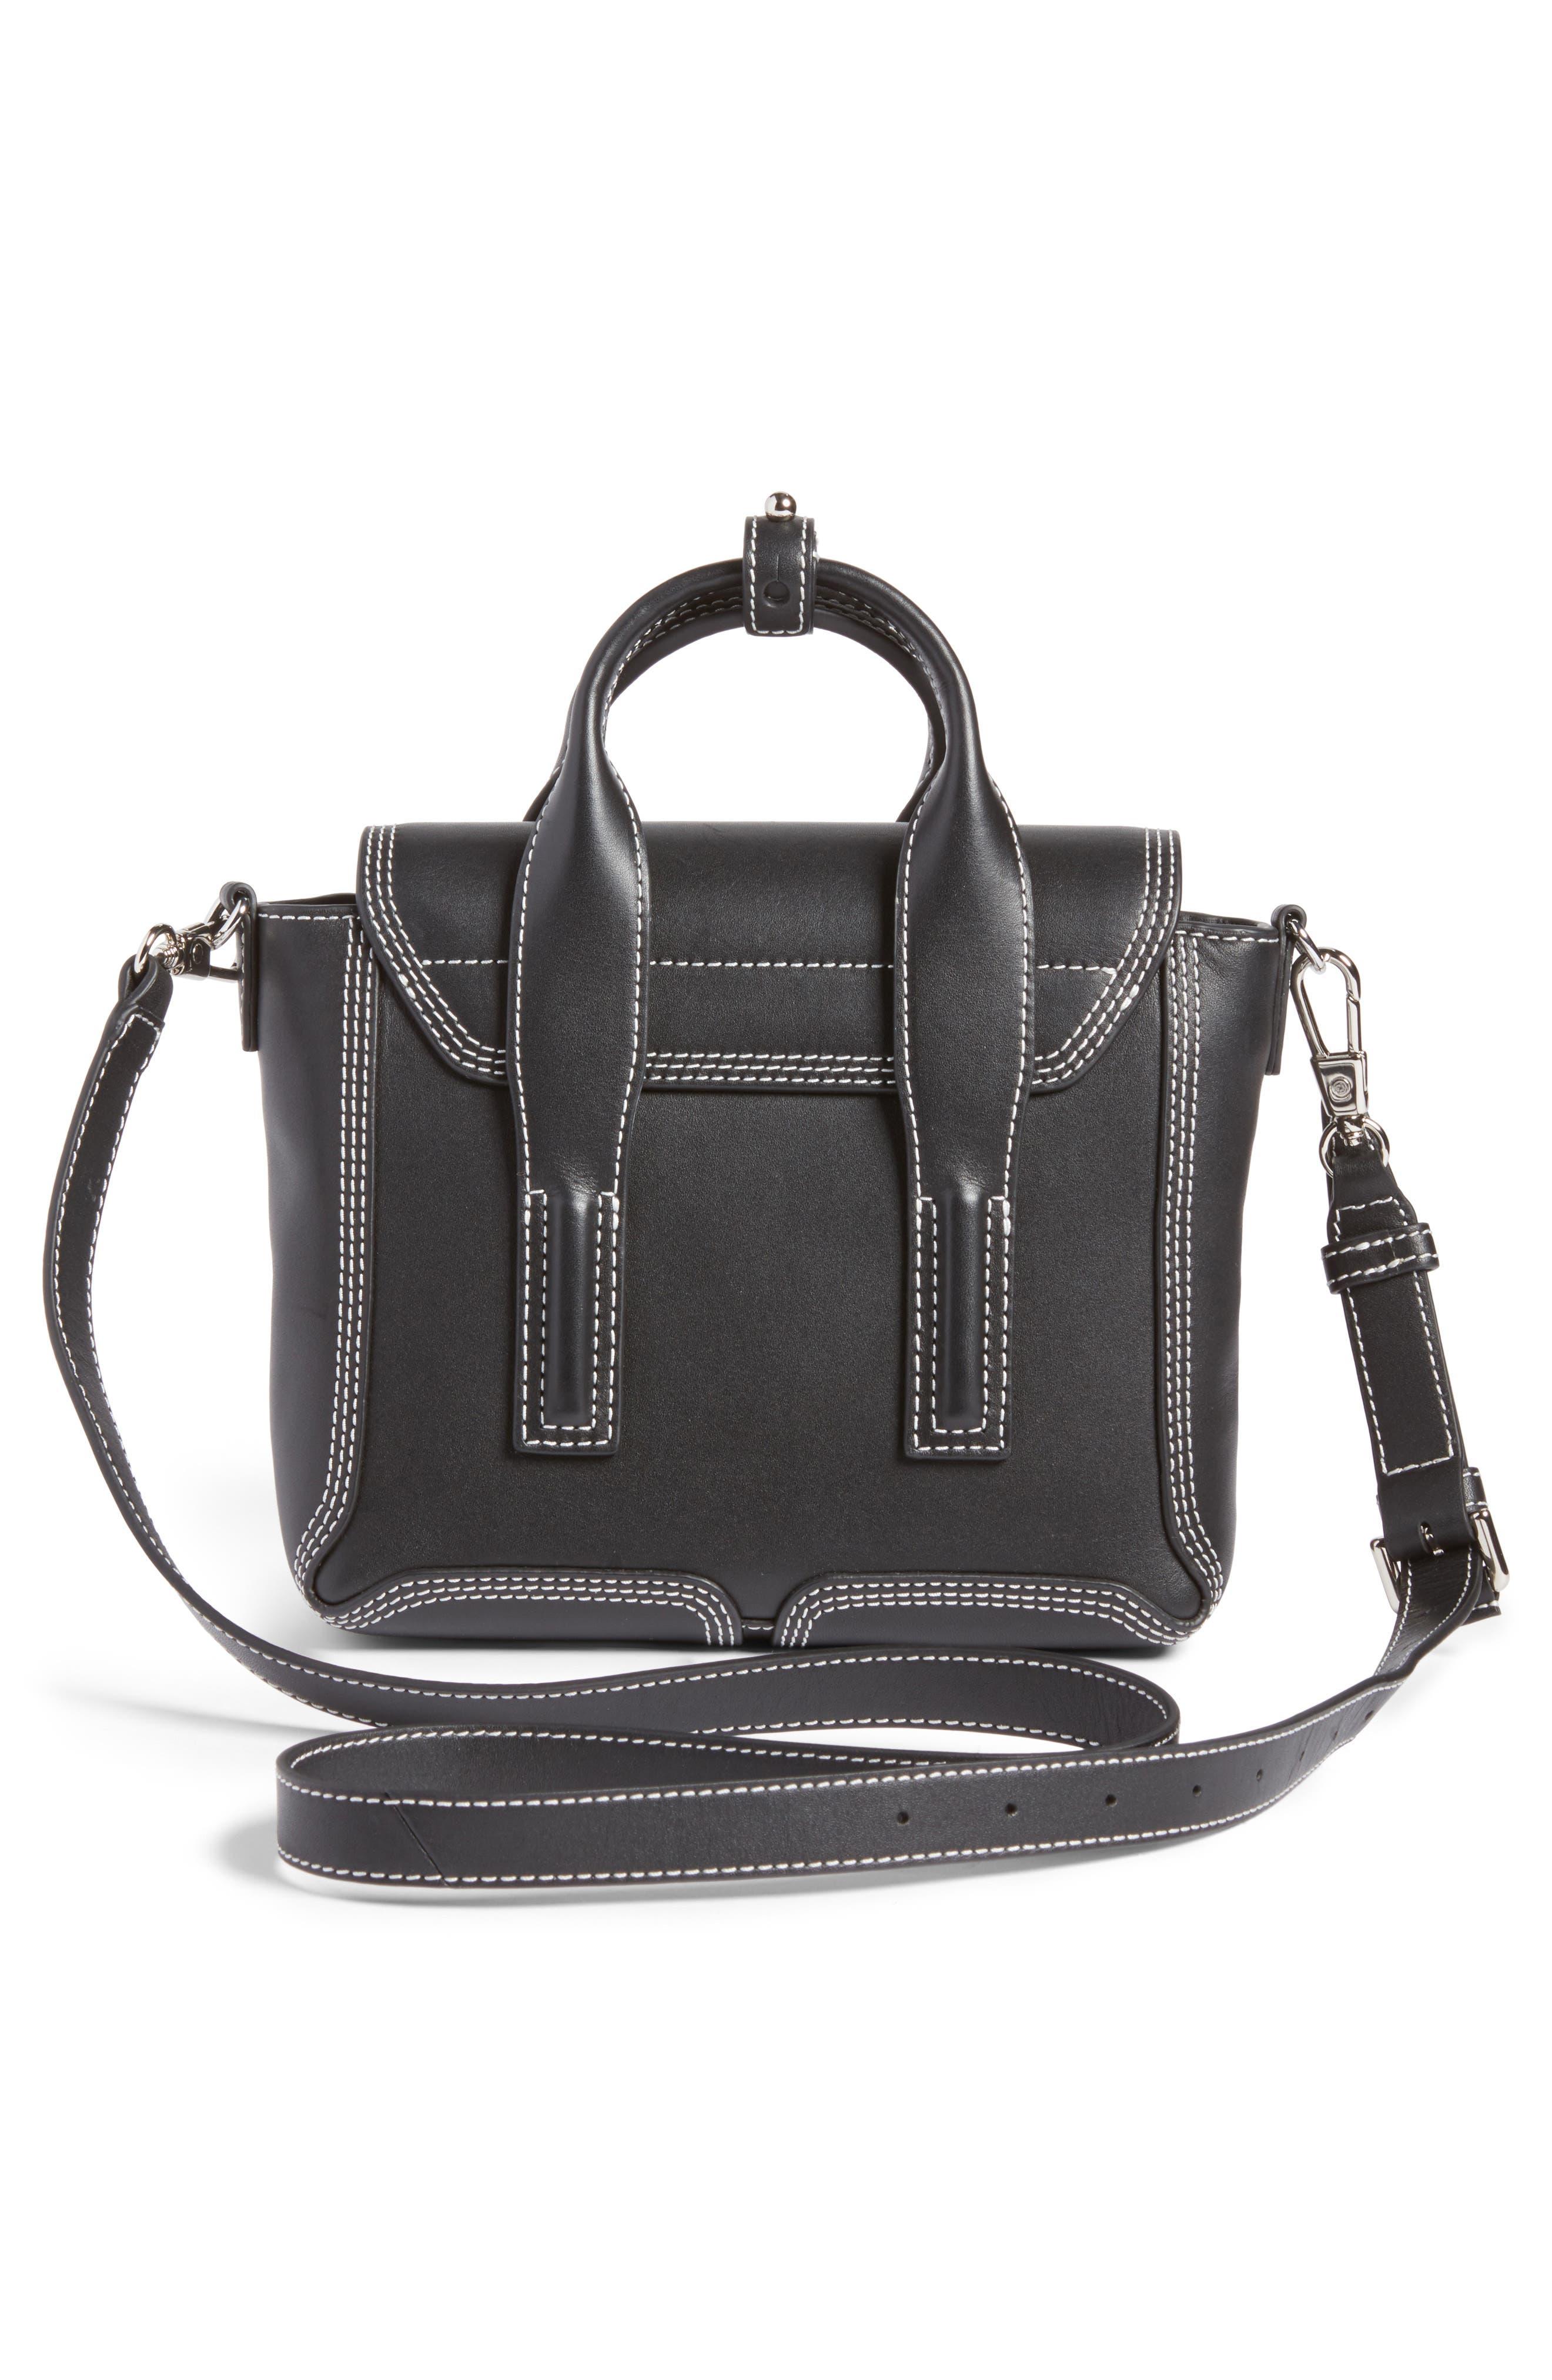 Mini Pashli Leather Satchel,                             Alternate thumbnail 2, color,                             Black